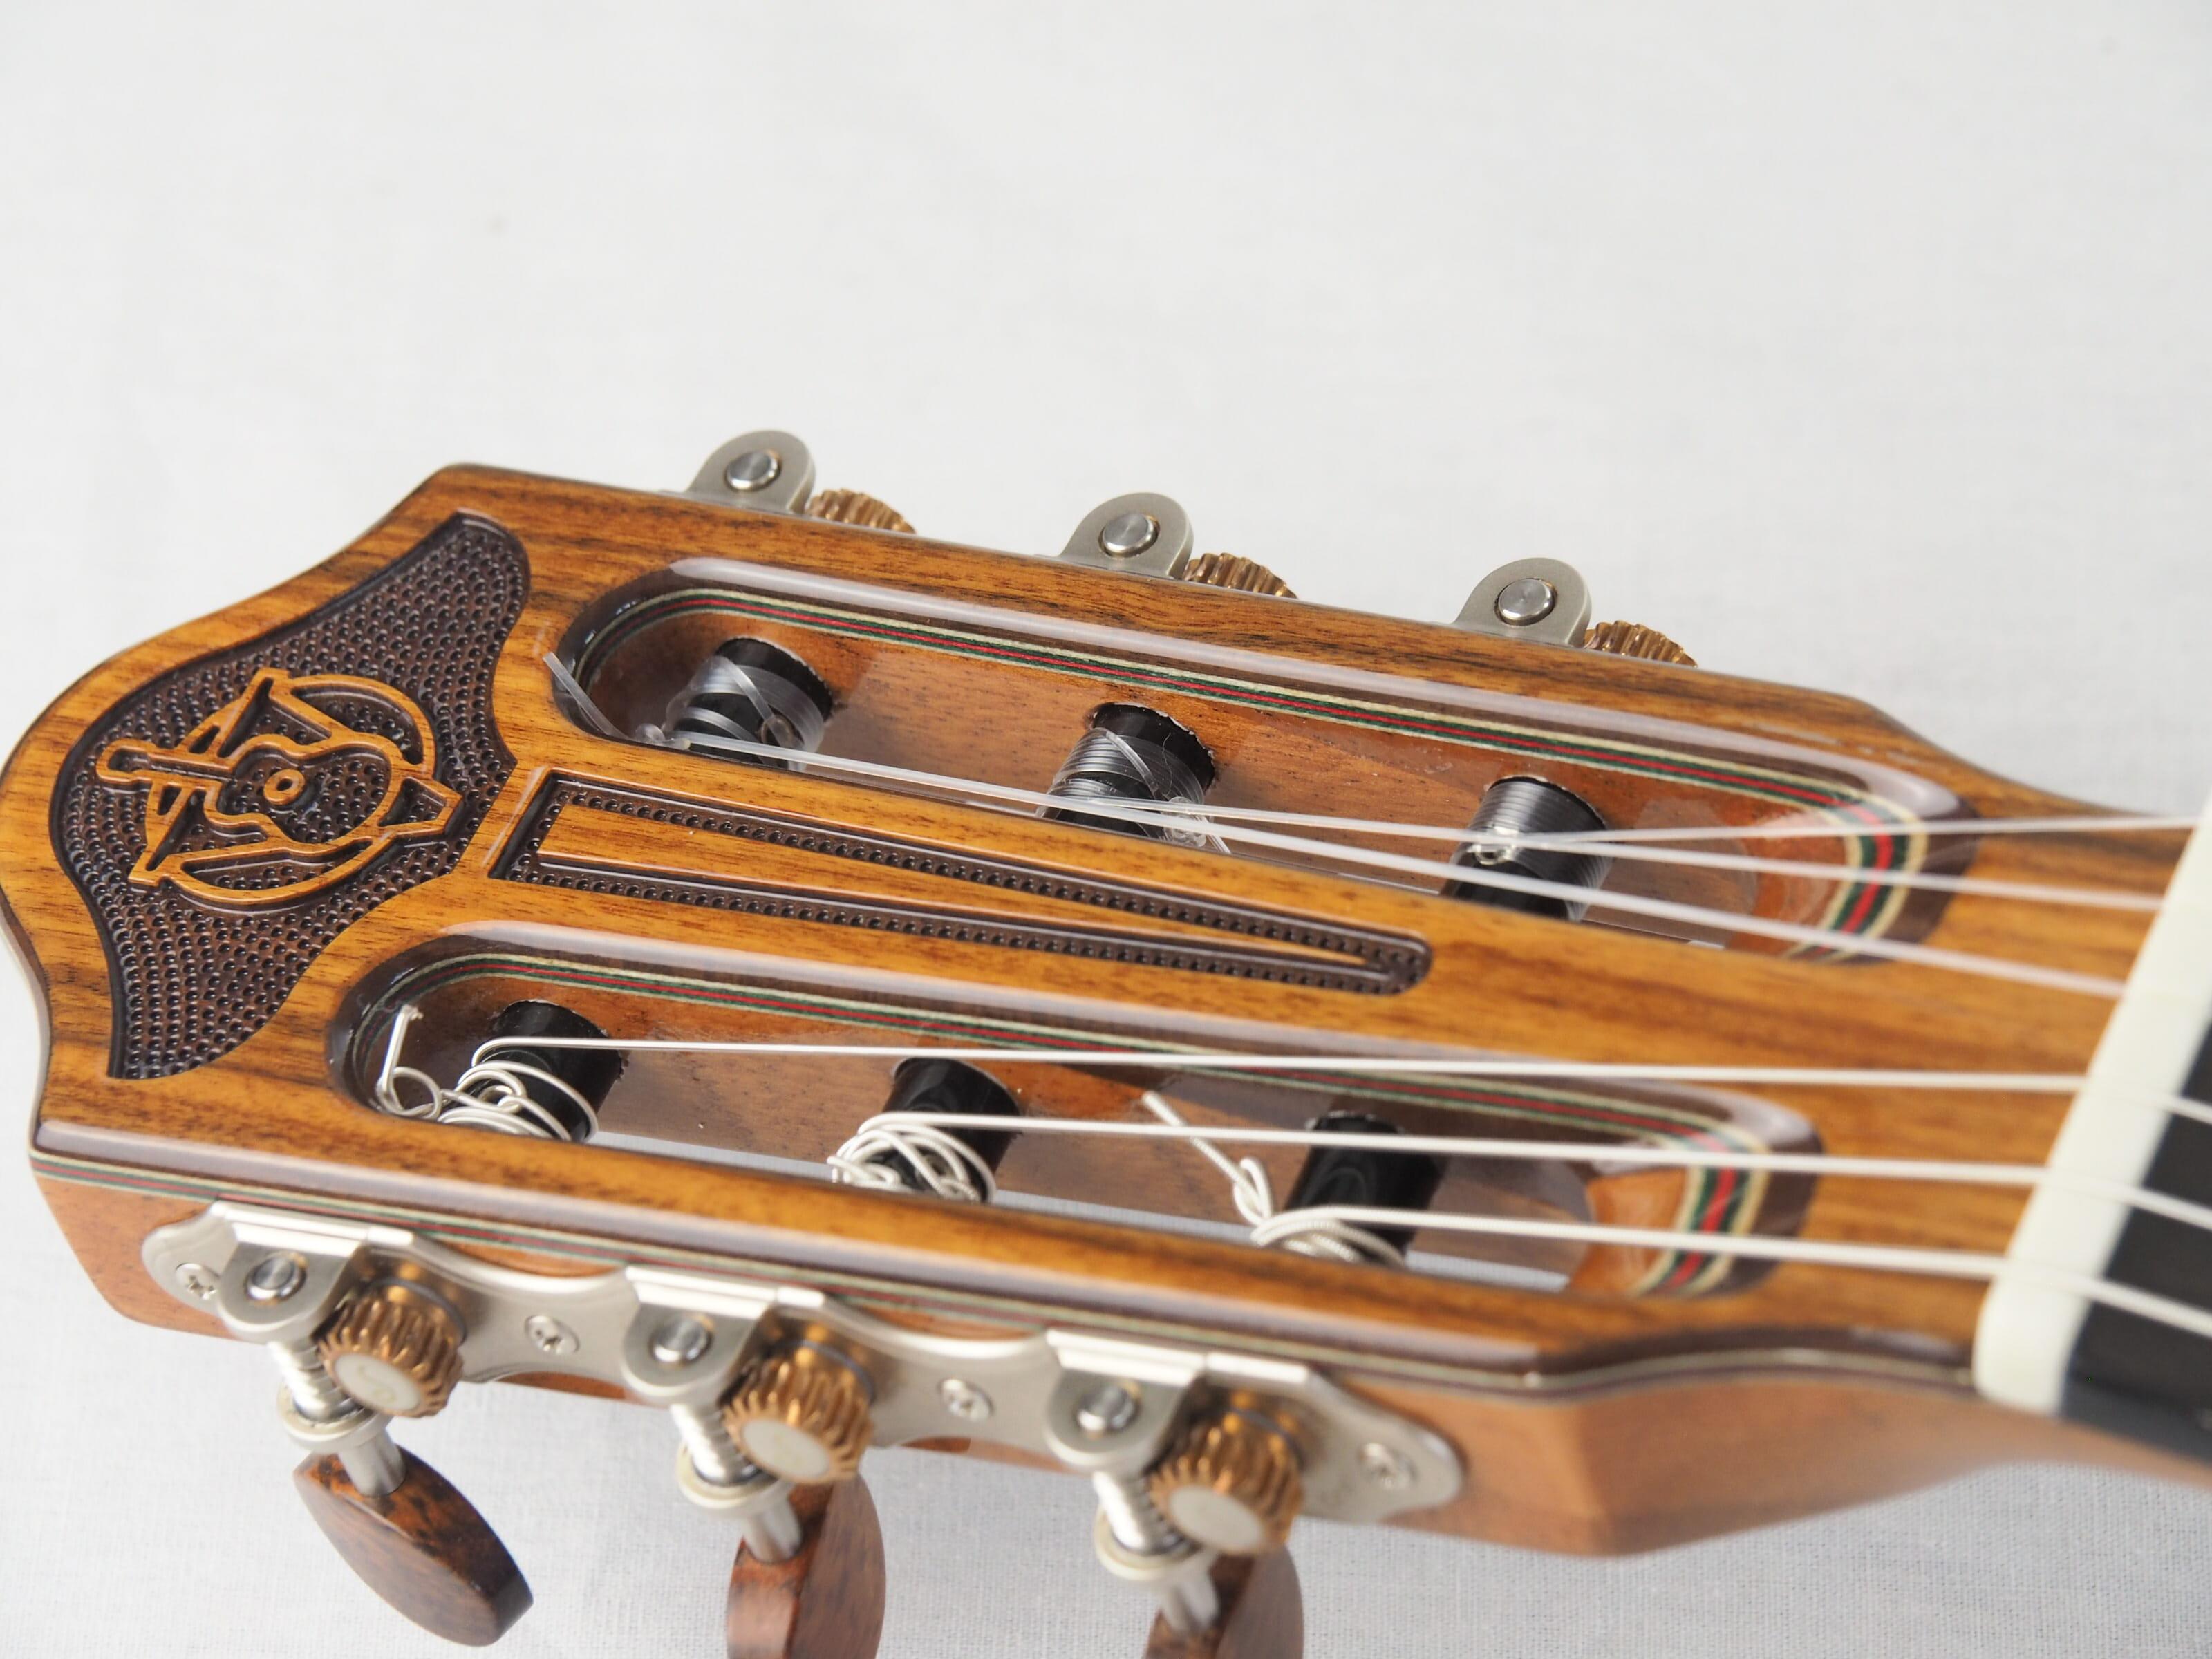 Luthier Vasilis Vasileiadis guitare classique no. 19VAS156-03